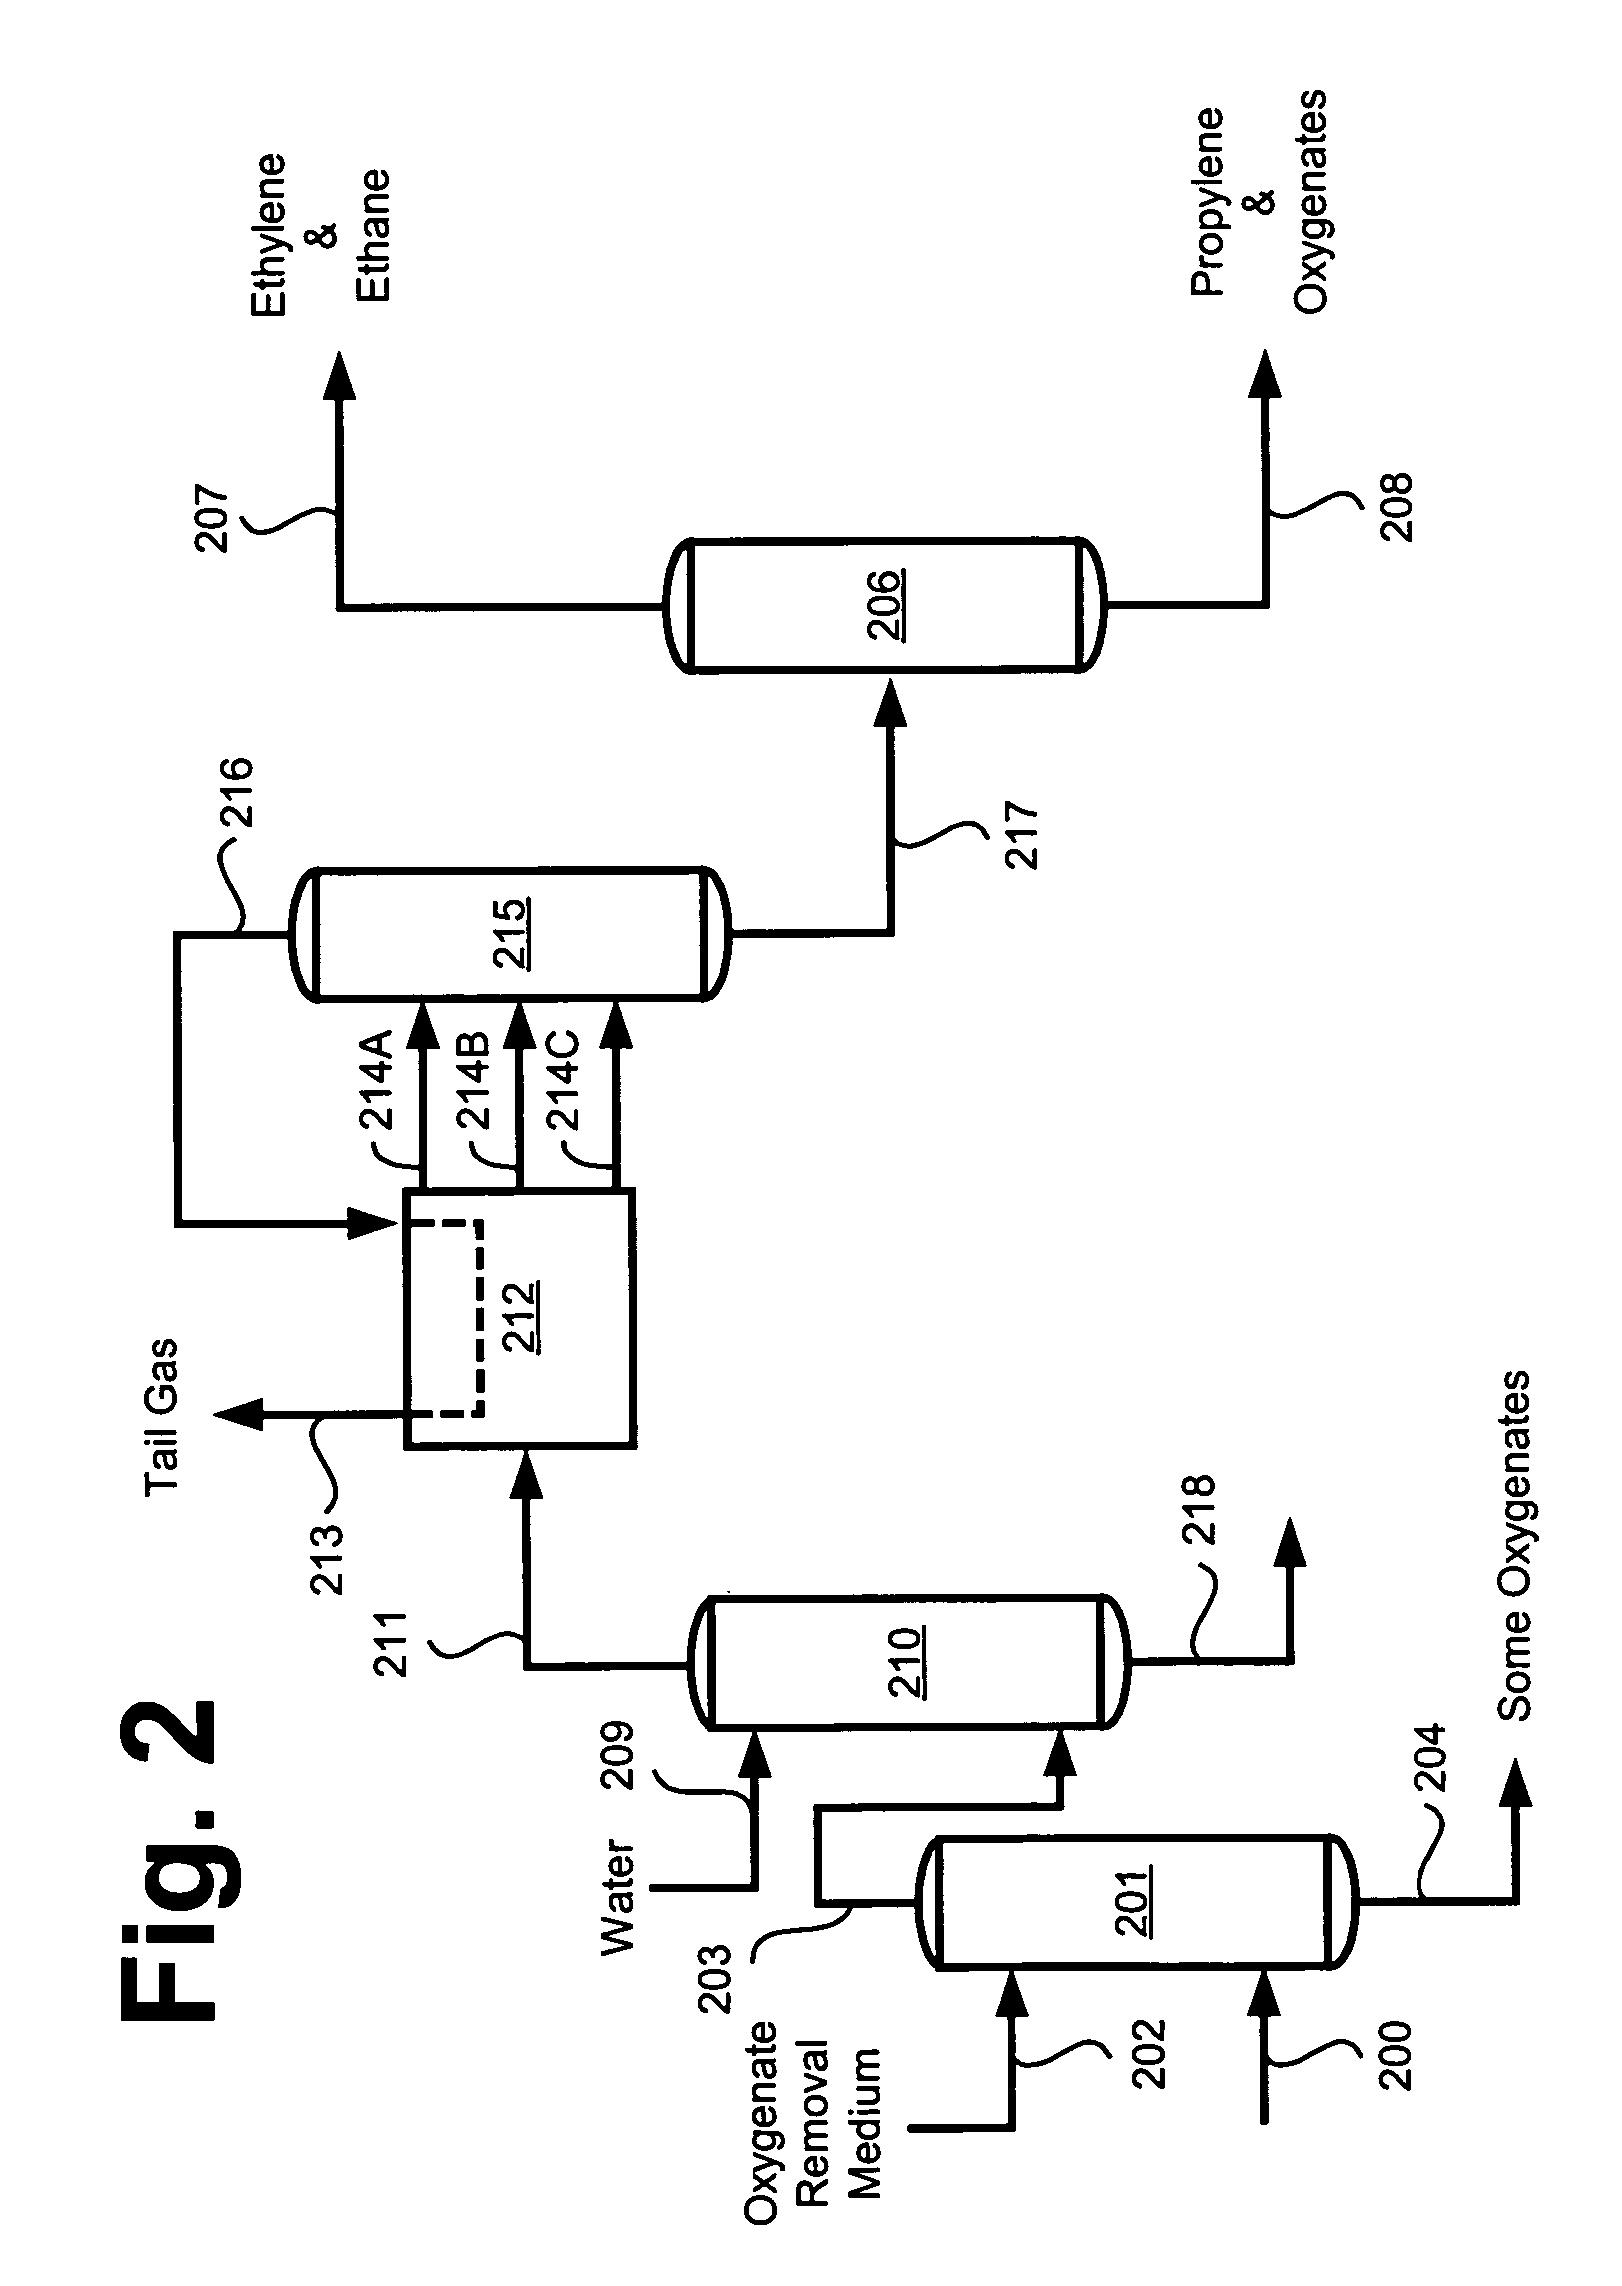 Patent Us20050209469